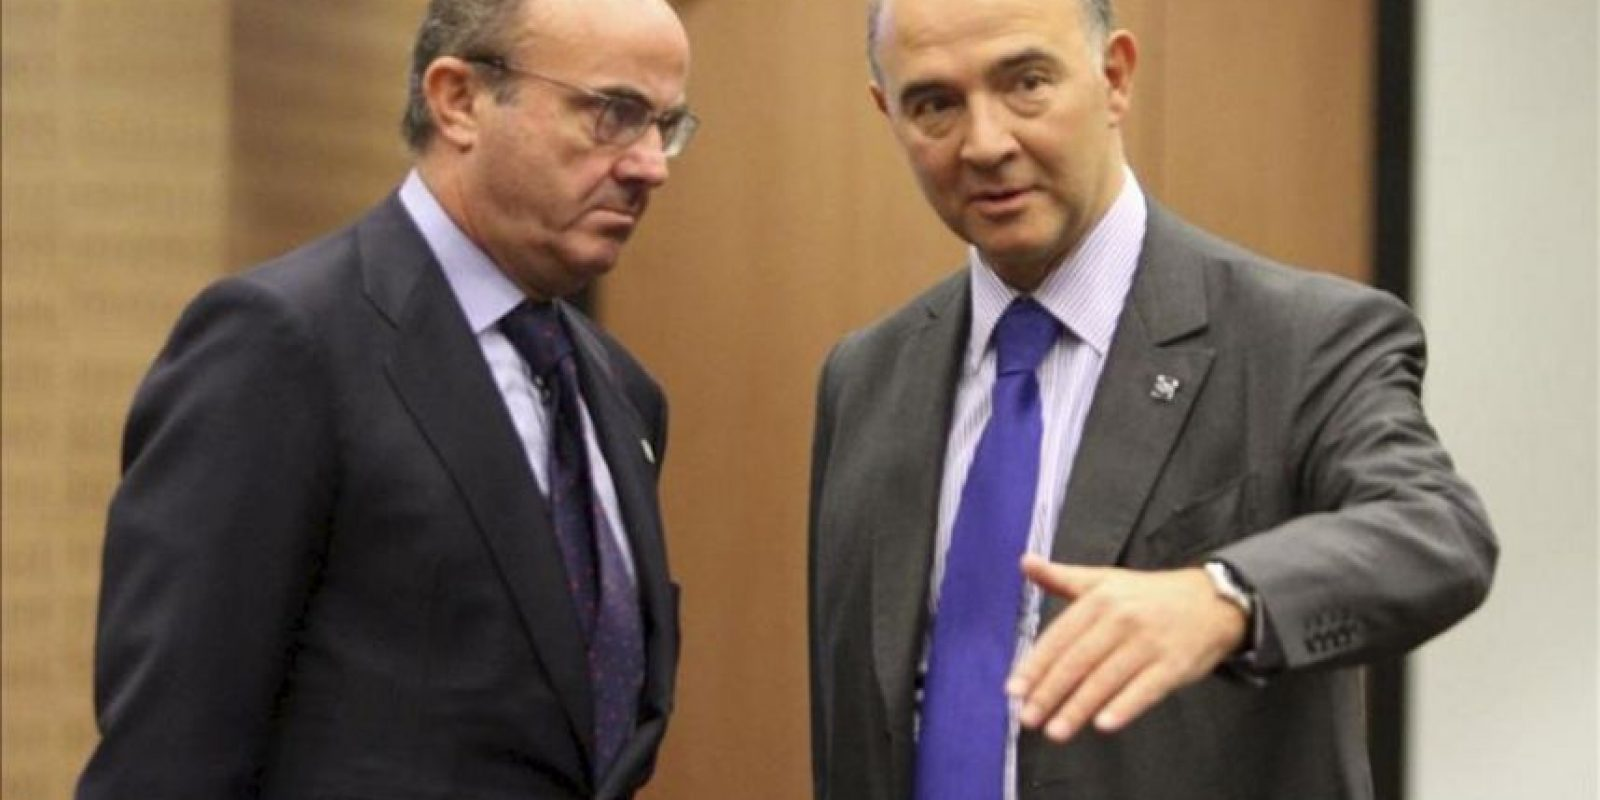 El ministro español de Economía, Luis de Guindos (izda) conversa con el ministro francés de Finanzas Pierre Moscovici (dcha), durante la reunión informal de ministros de Finanzas del Eurogrupo celebrada en Nicosi (Chipre). EFE/Archivo